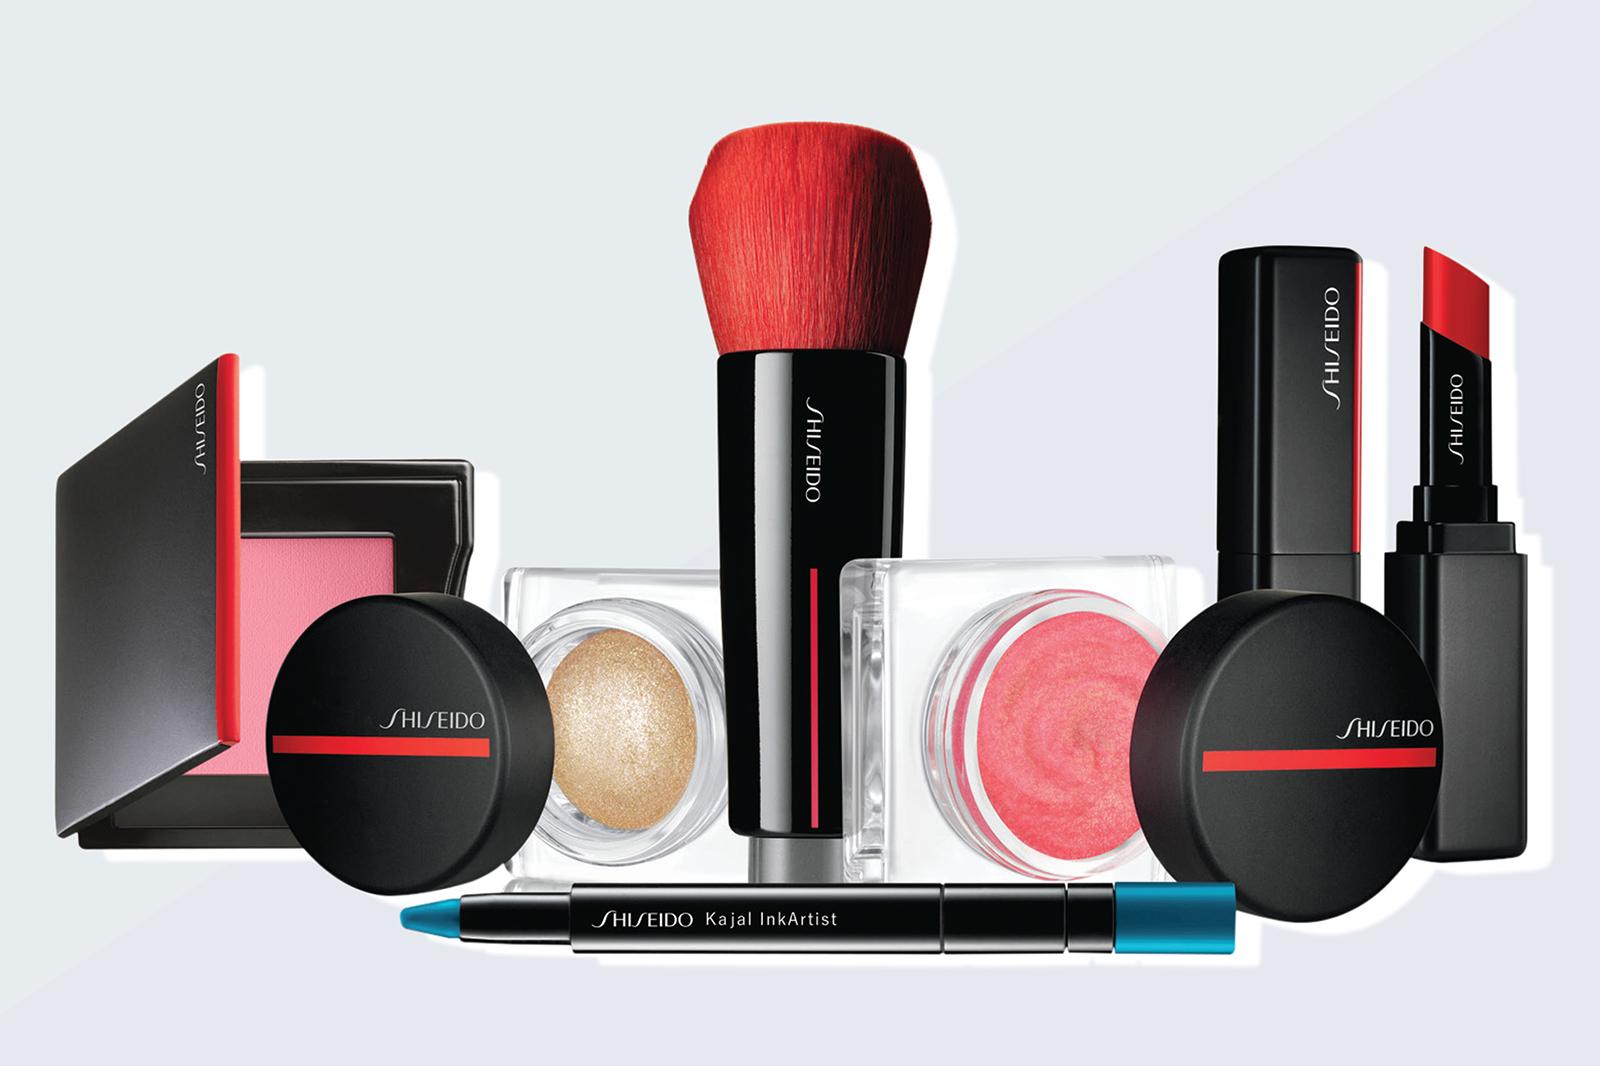 shiseido nouveau maquillage automne 2018